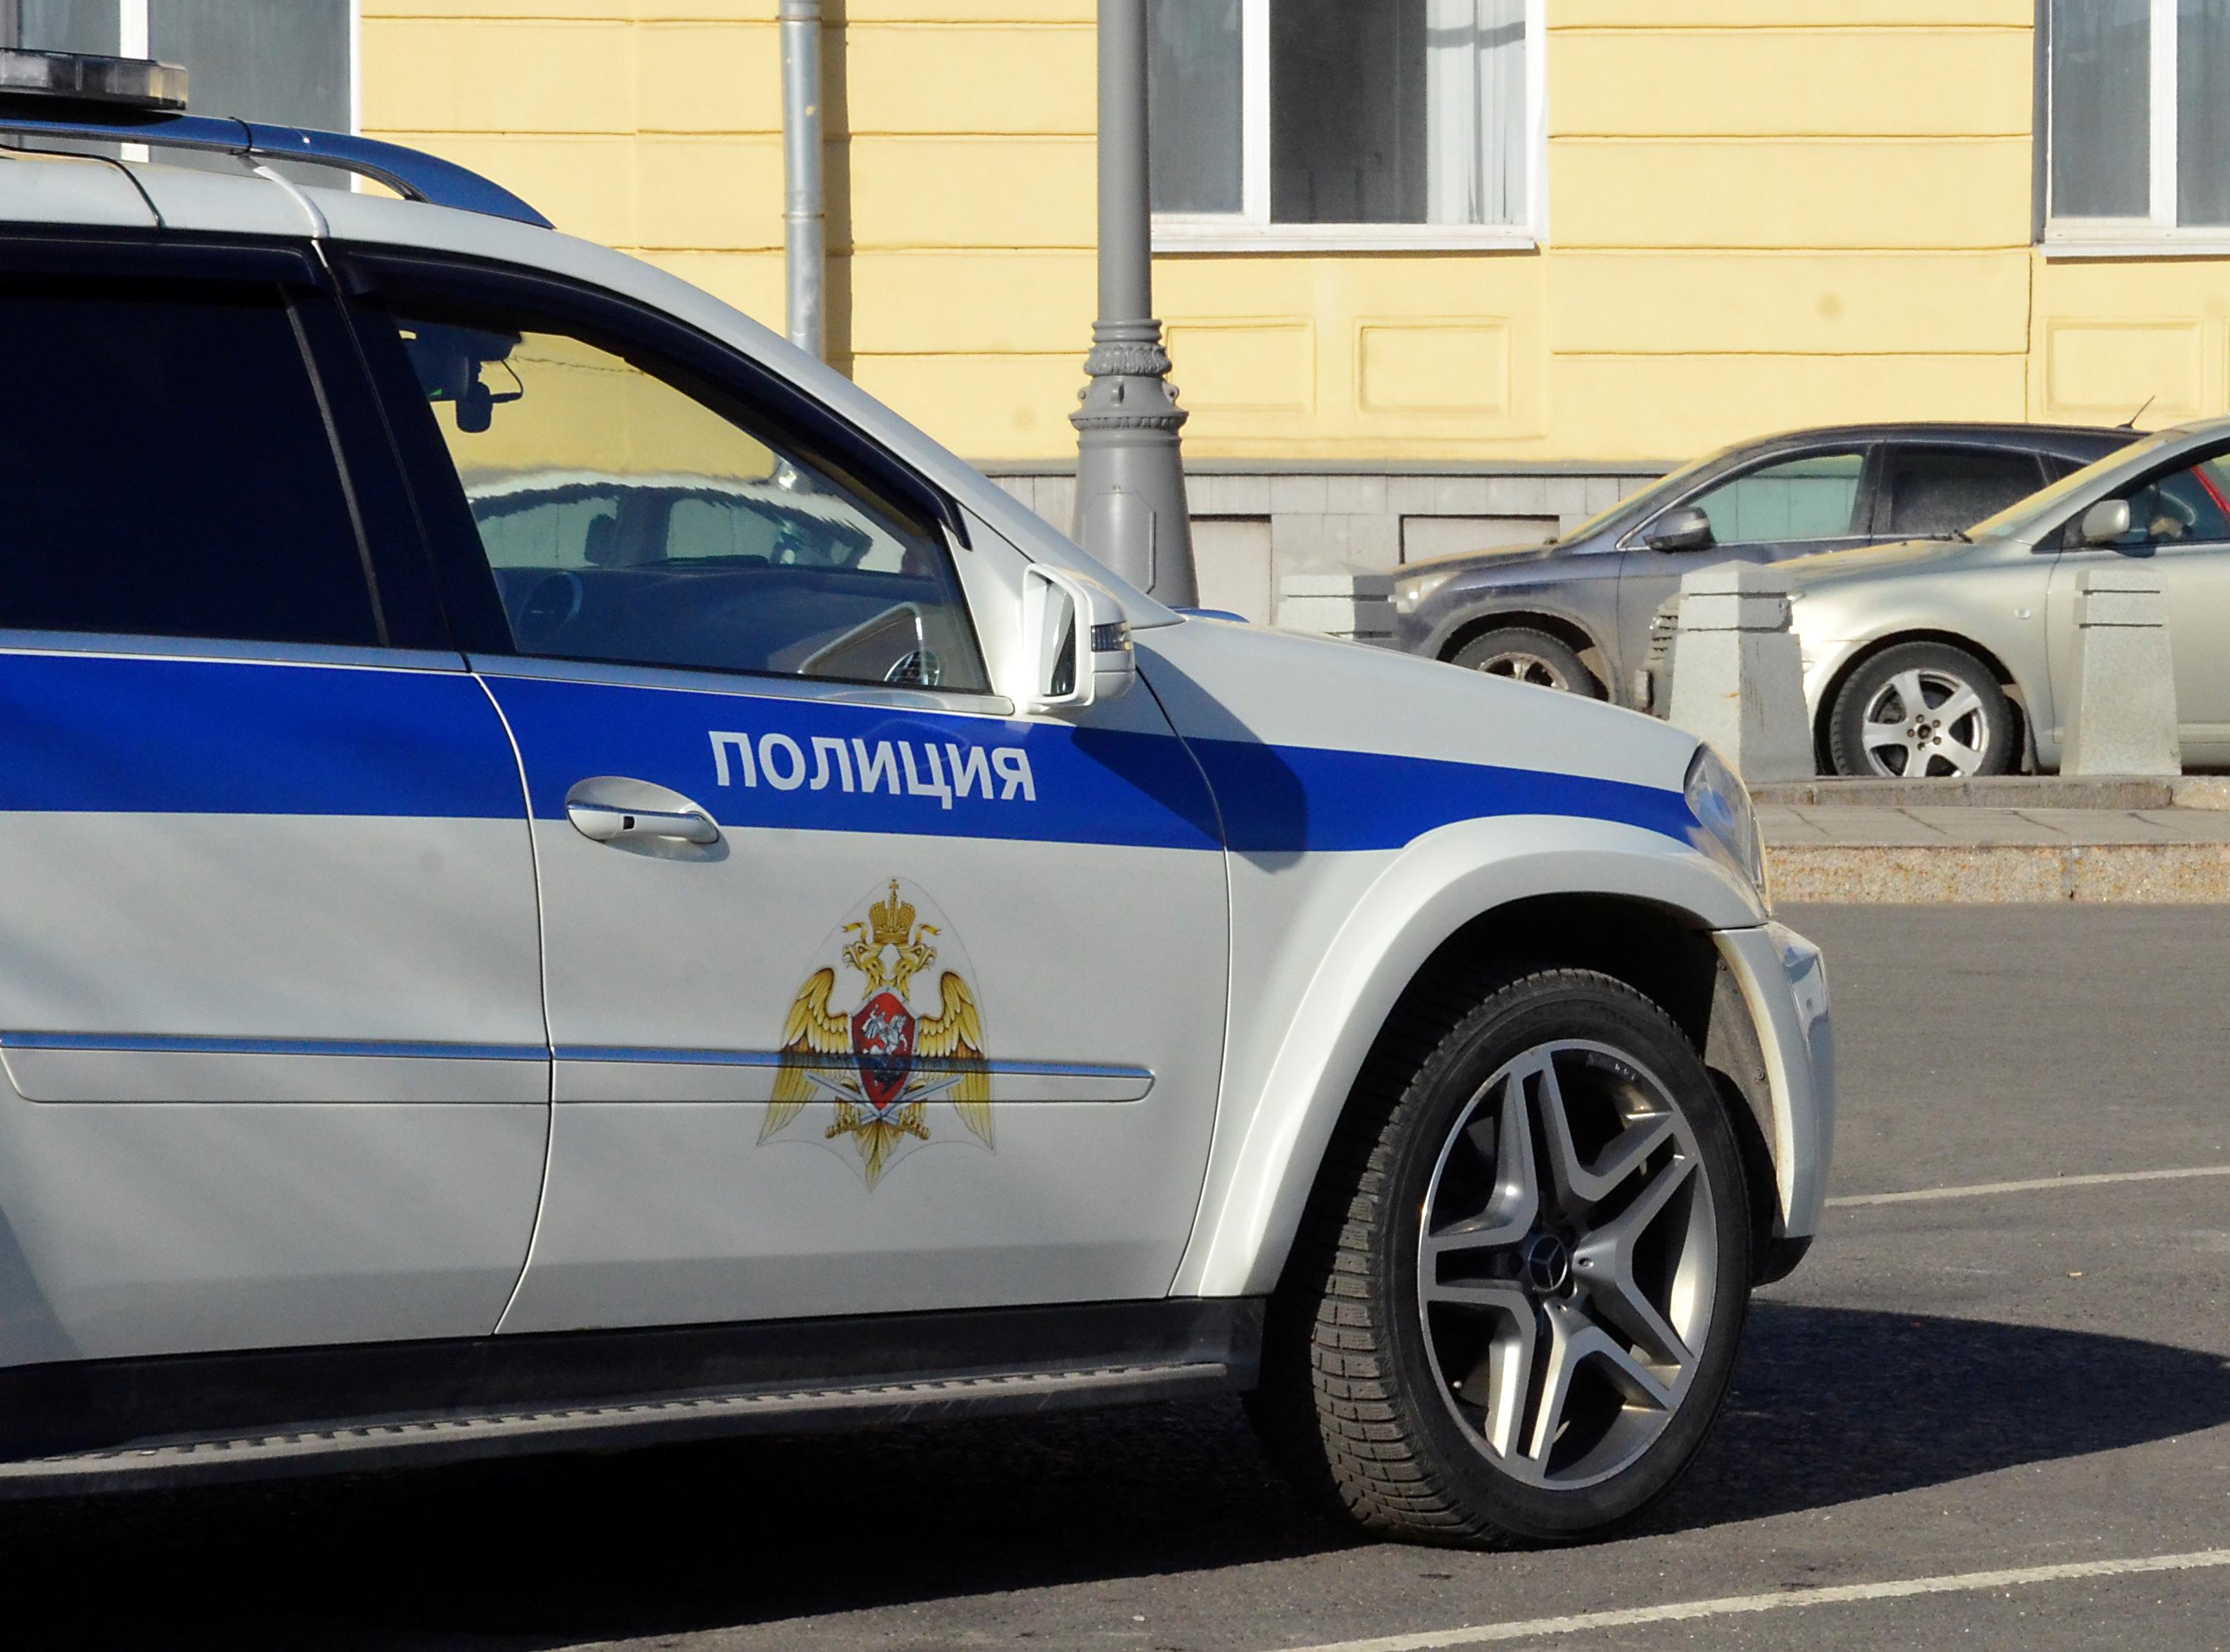 В районе Царицыно полиция задержала подозреваемого в причинении тяжкого вреда здоровью по неосторожности